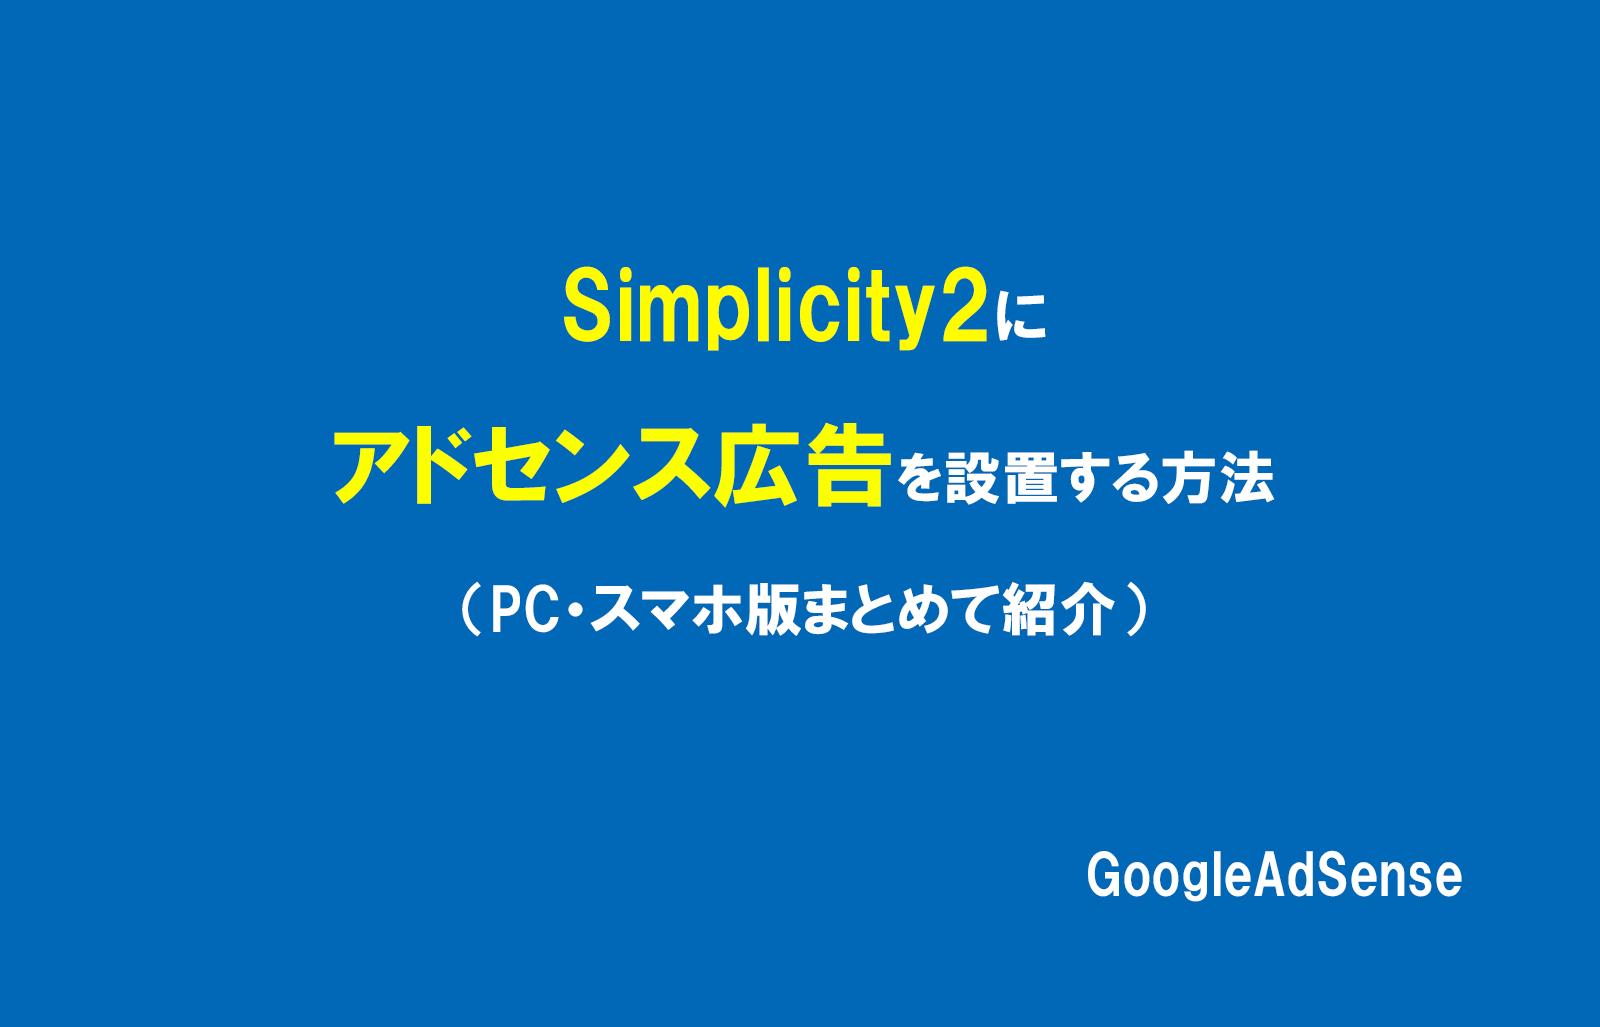 Simplicity2にアドセンス広告を設置する方法(PC・スマホ版まとめて紹介)